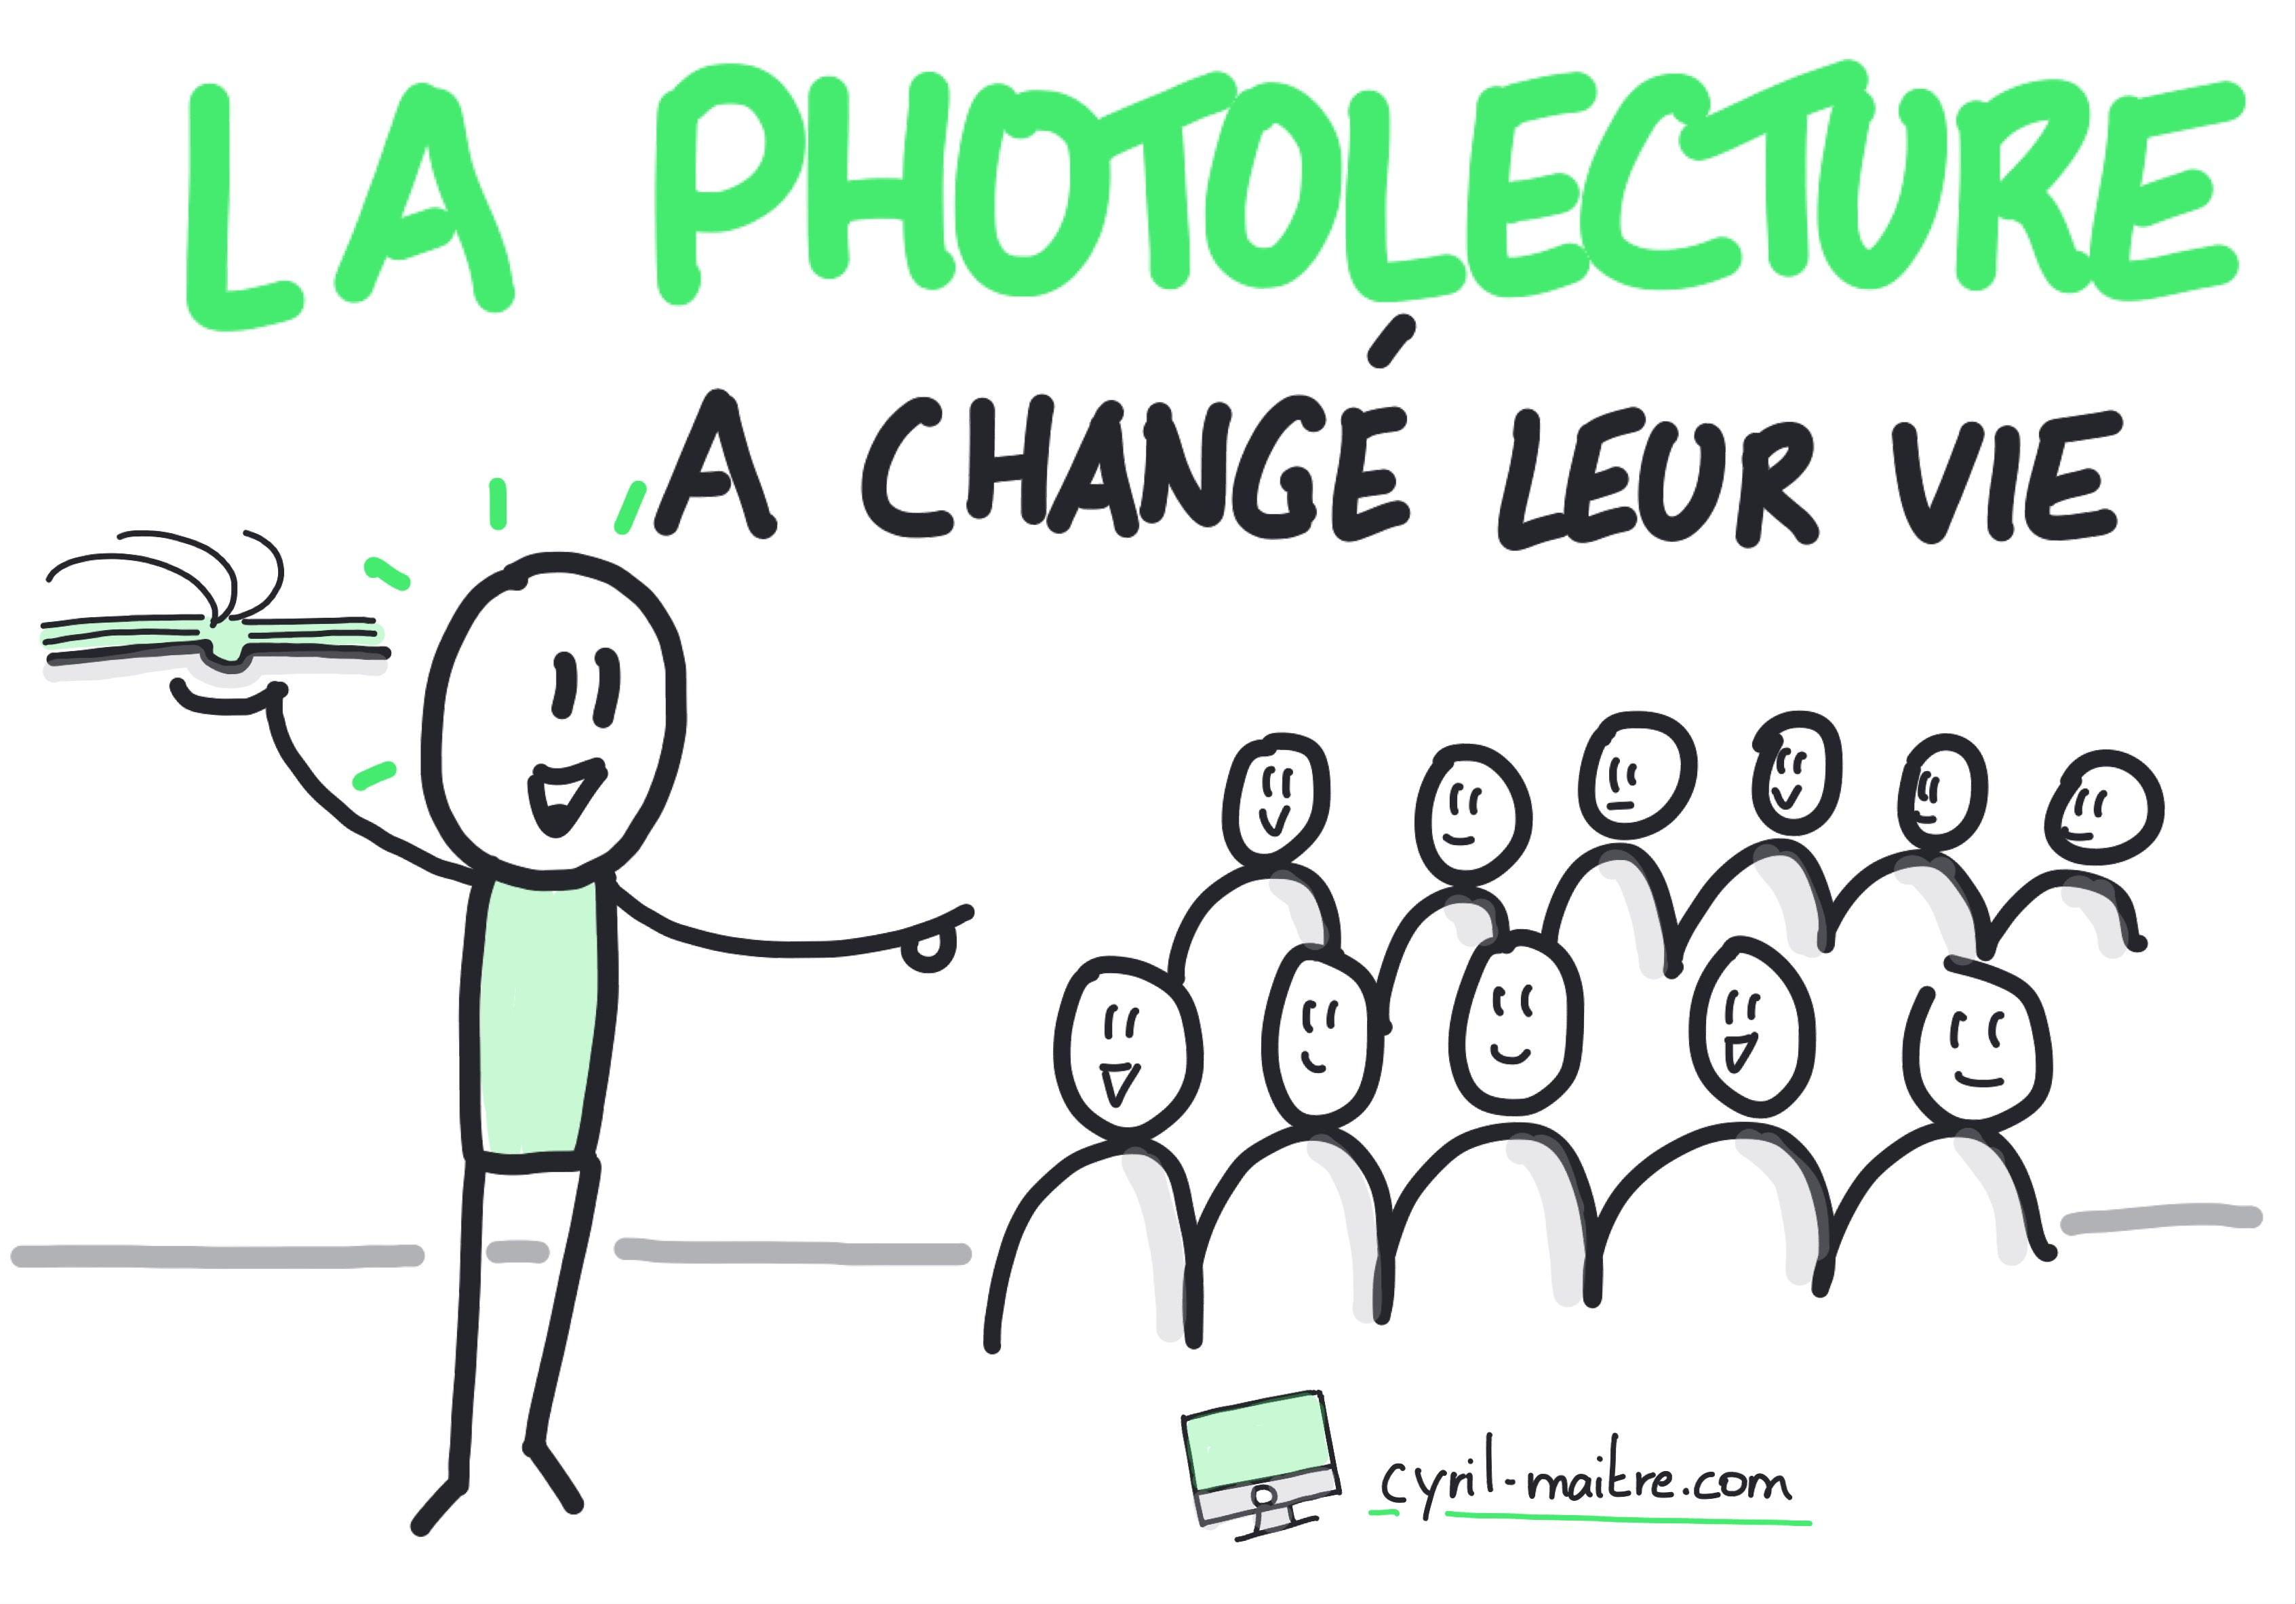 Rejoignez ceux qui ont changé leur vie grâce à la photolecture